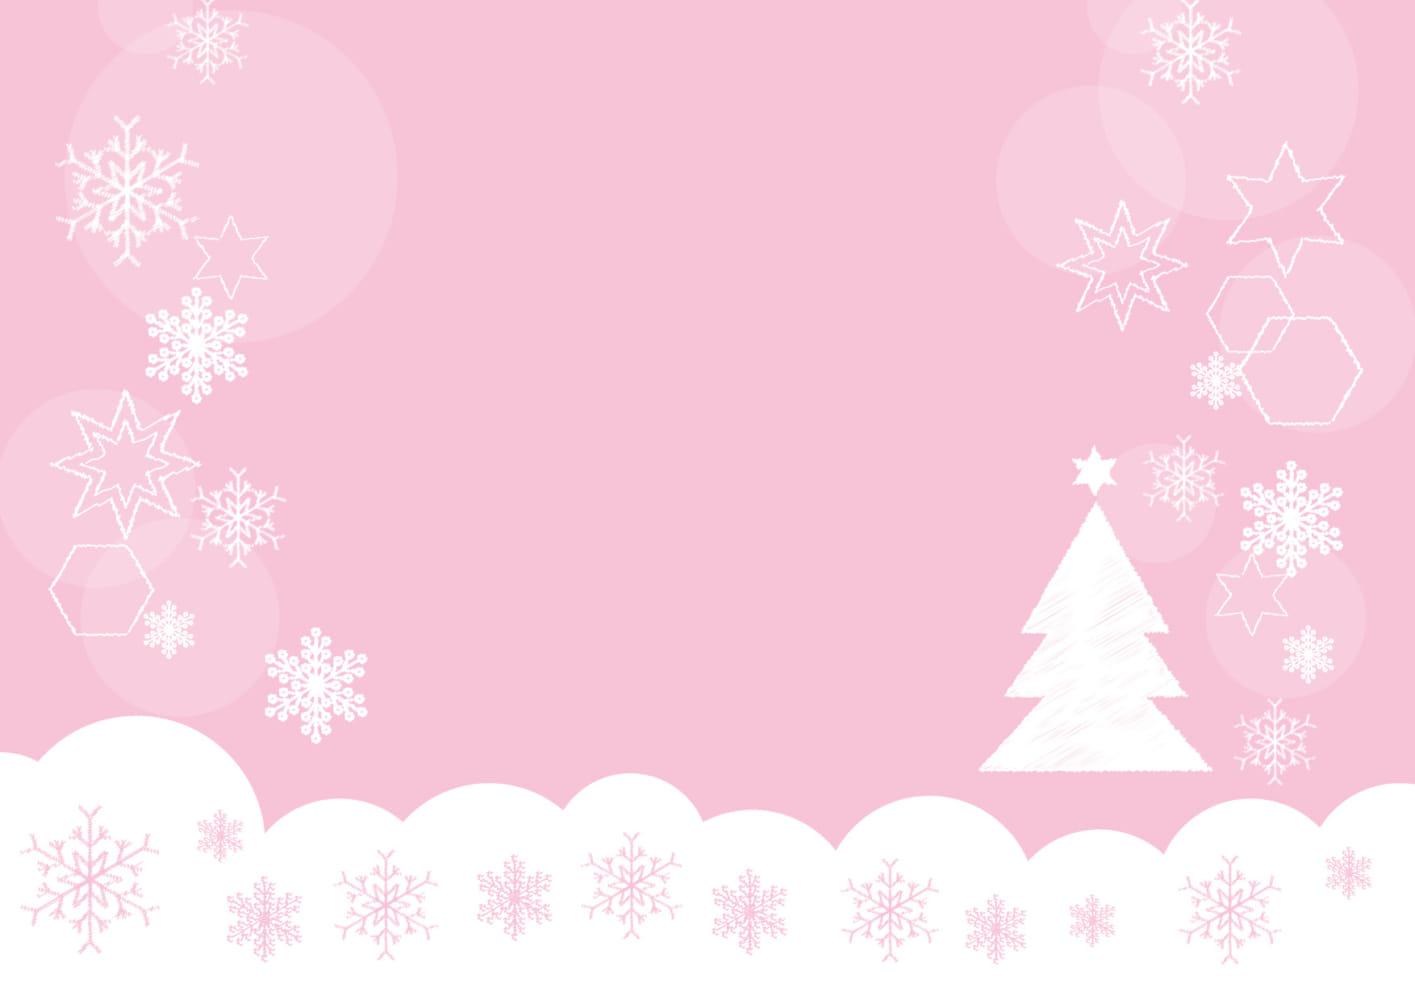 雪の結晶 クリスマスツリー ピンク 背景 イラスト 無料